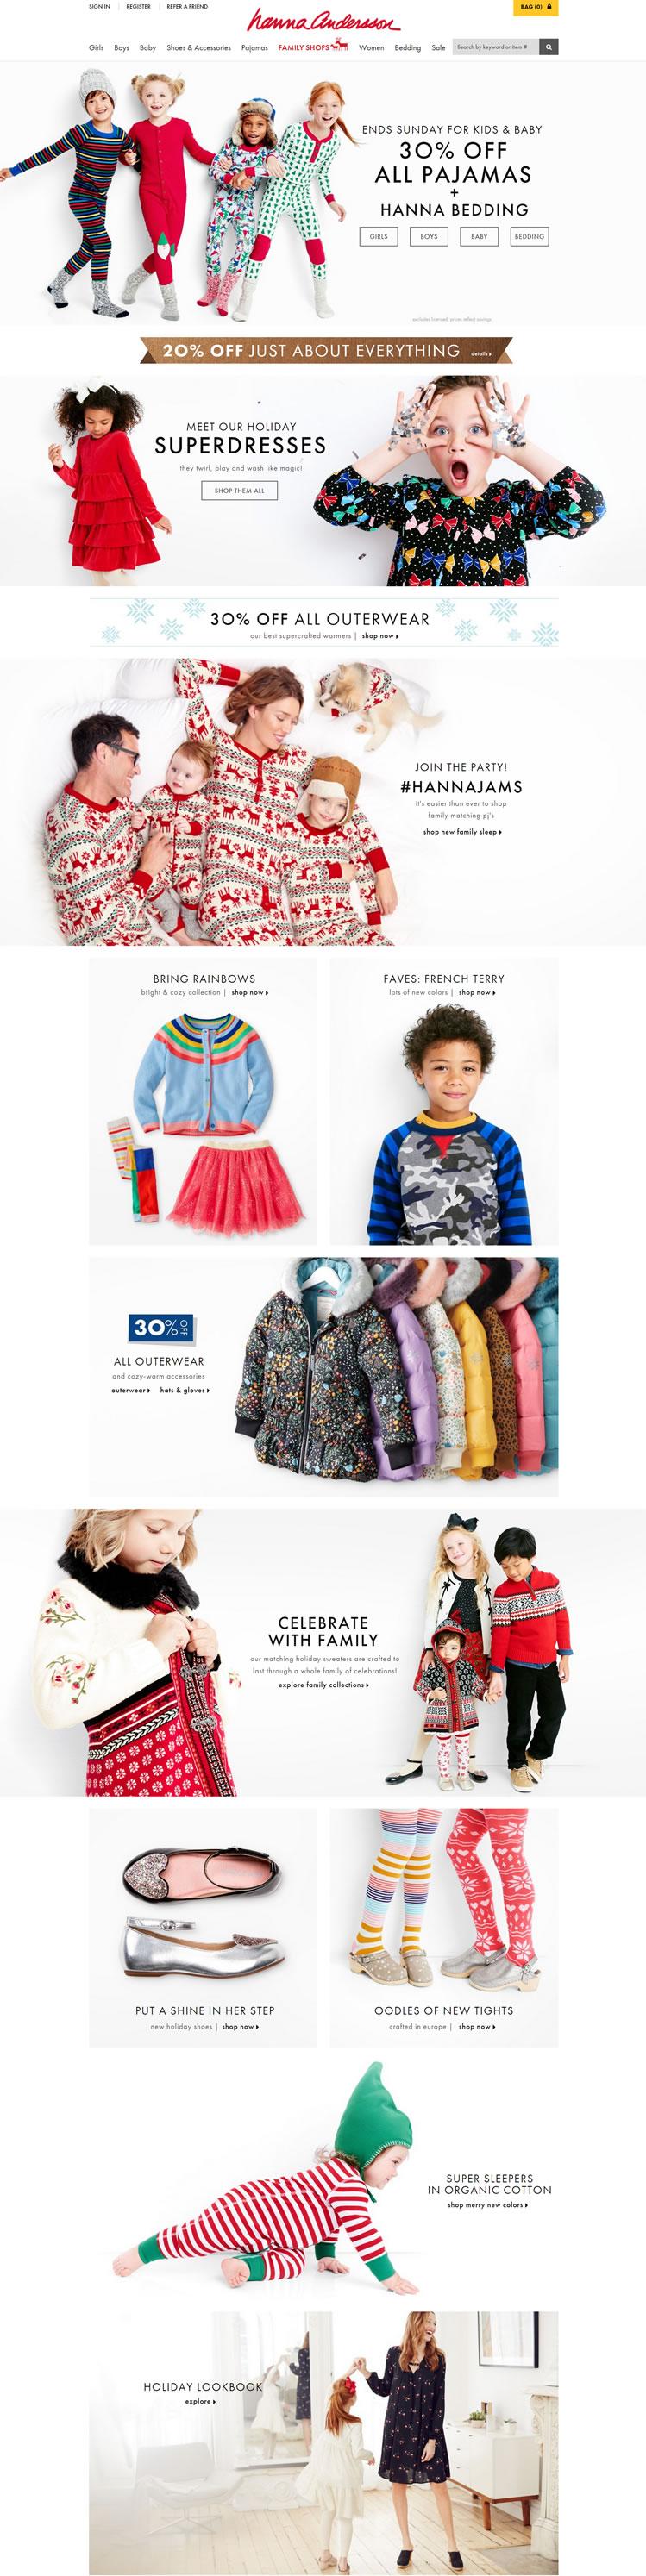 美国高端婴童品牌:Hanna Andersson